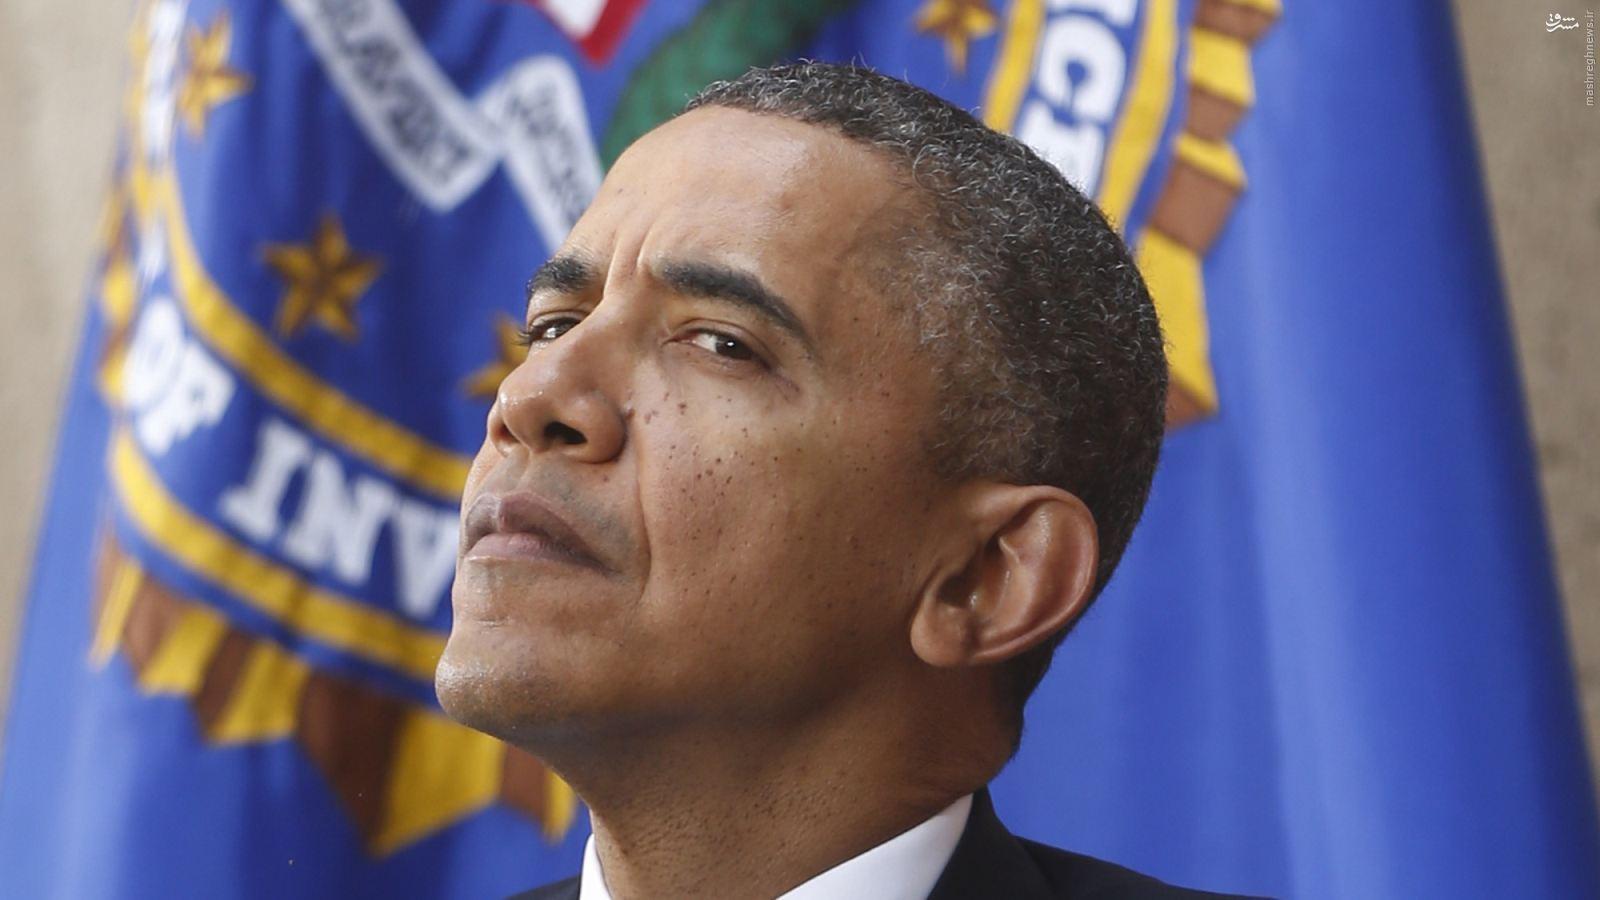 چرا کوبانی از اولویت آمریکاییها خارج شد؟/ آیا جنگ زمینی در سوریه نزدیک است؟